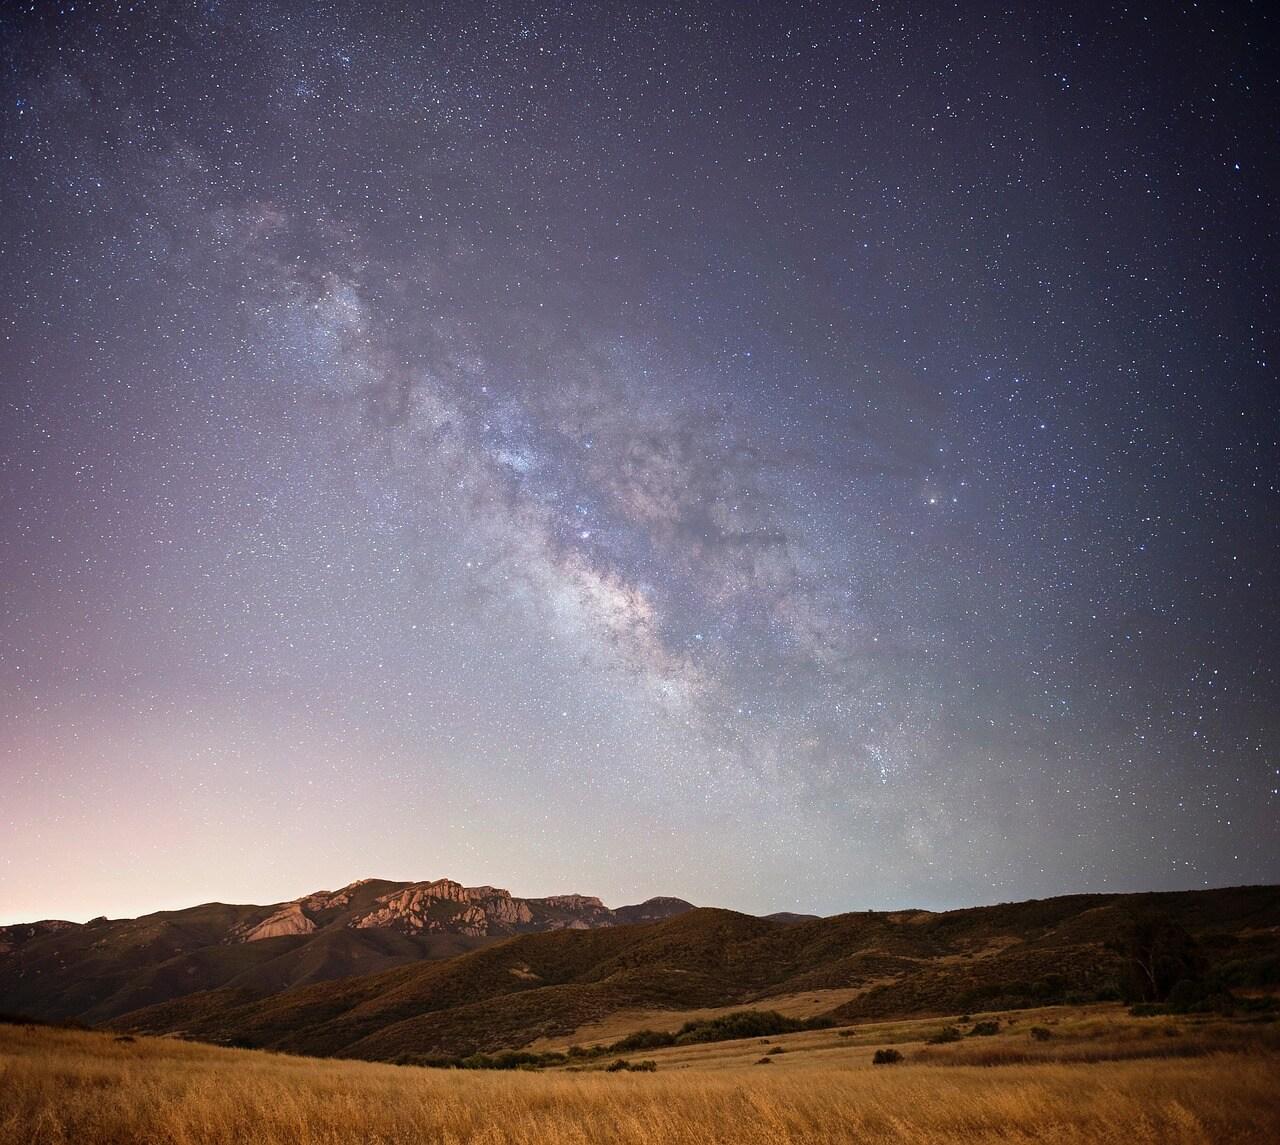 night-sky-2069427_1280.jpg